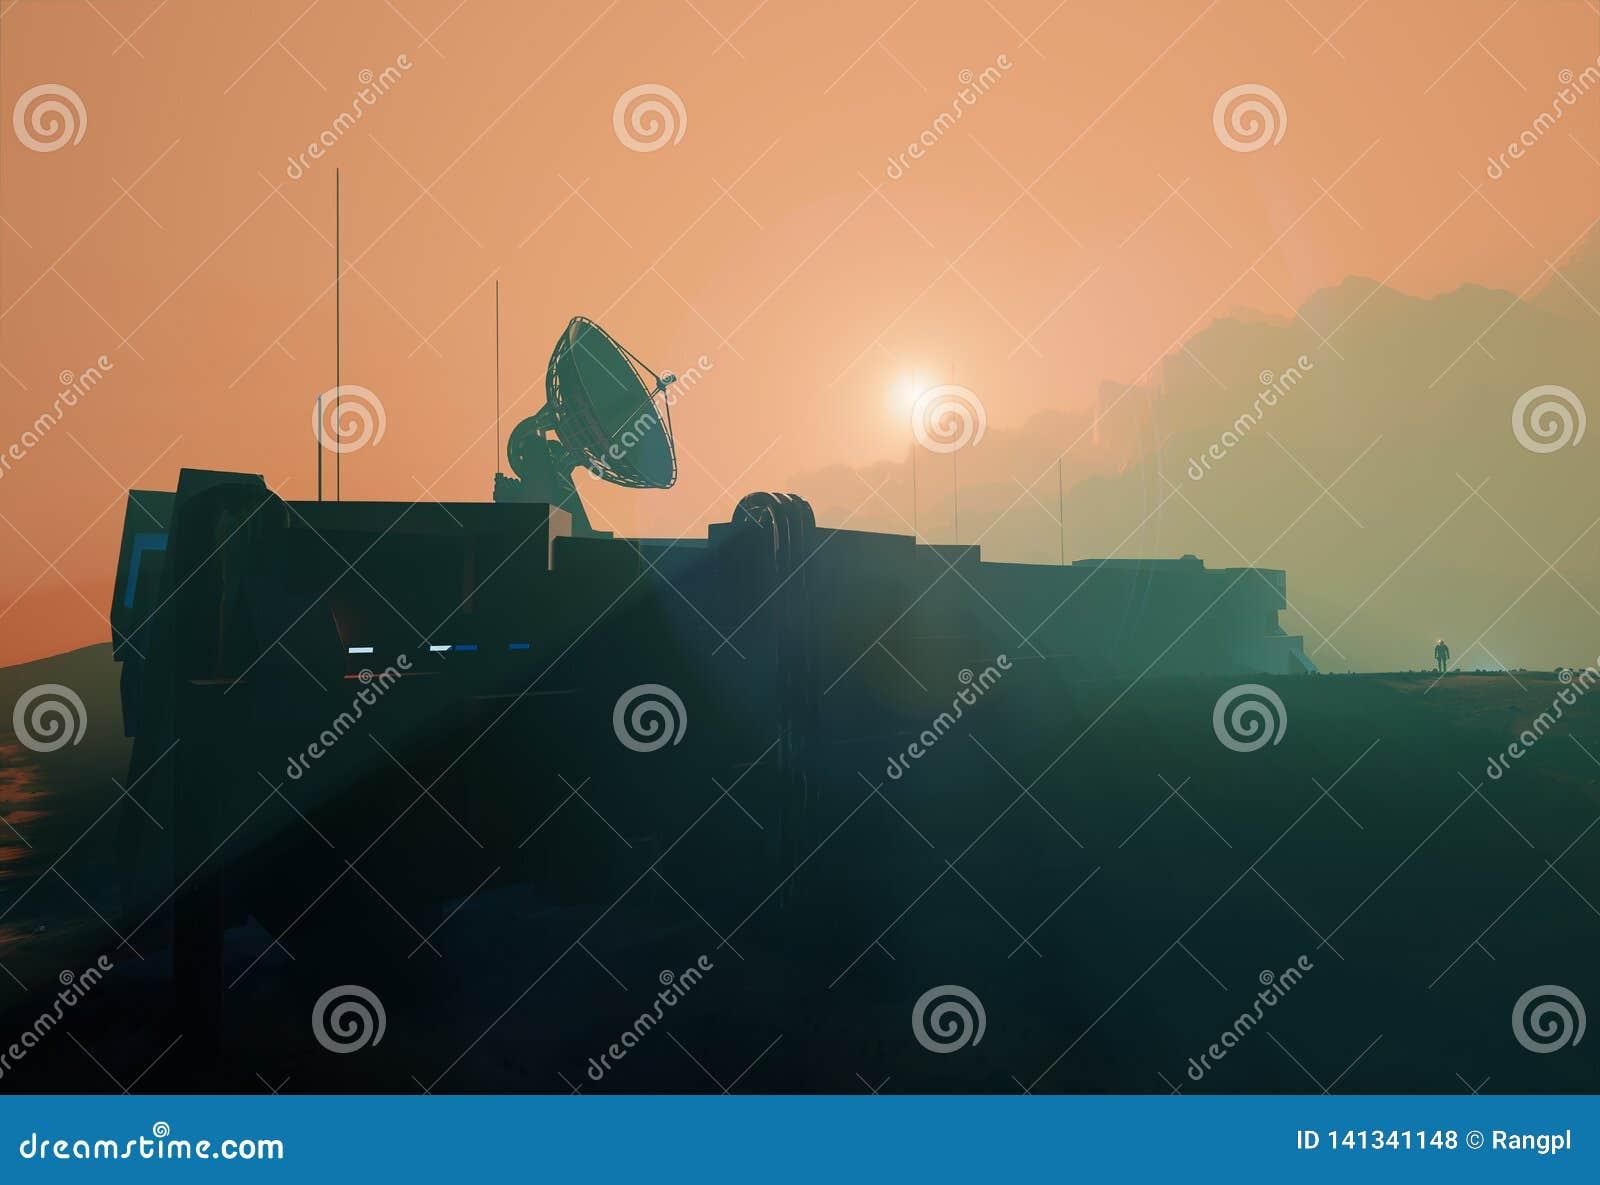 De ruimteschotel van de basisradar in de nevelige zonsondergang van Mars